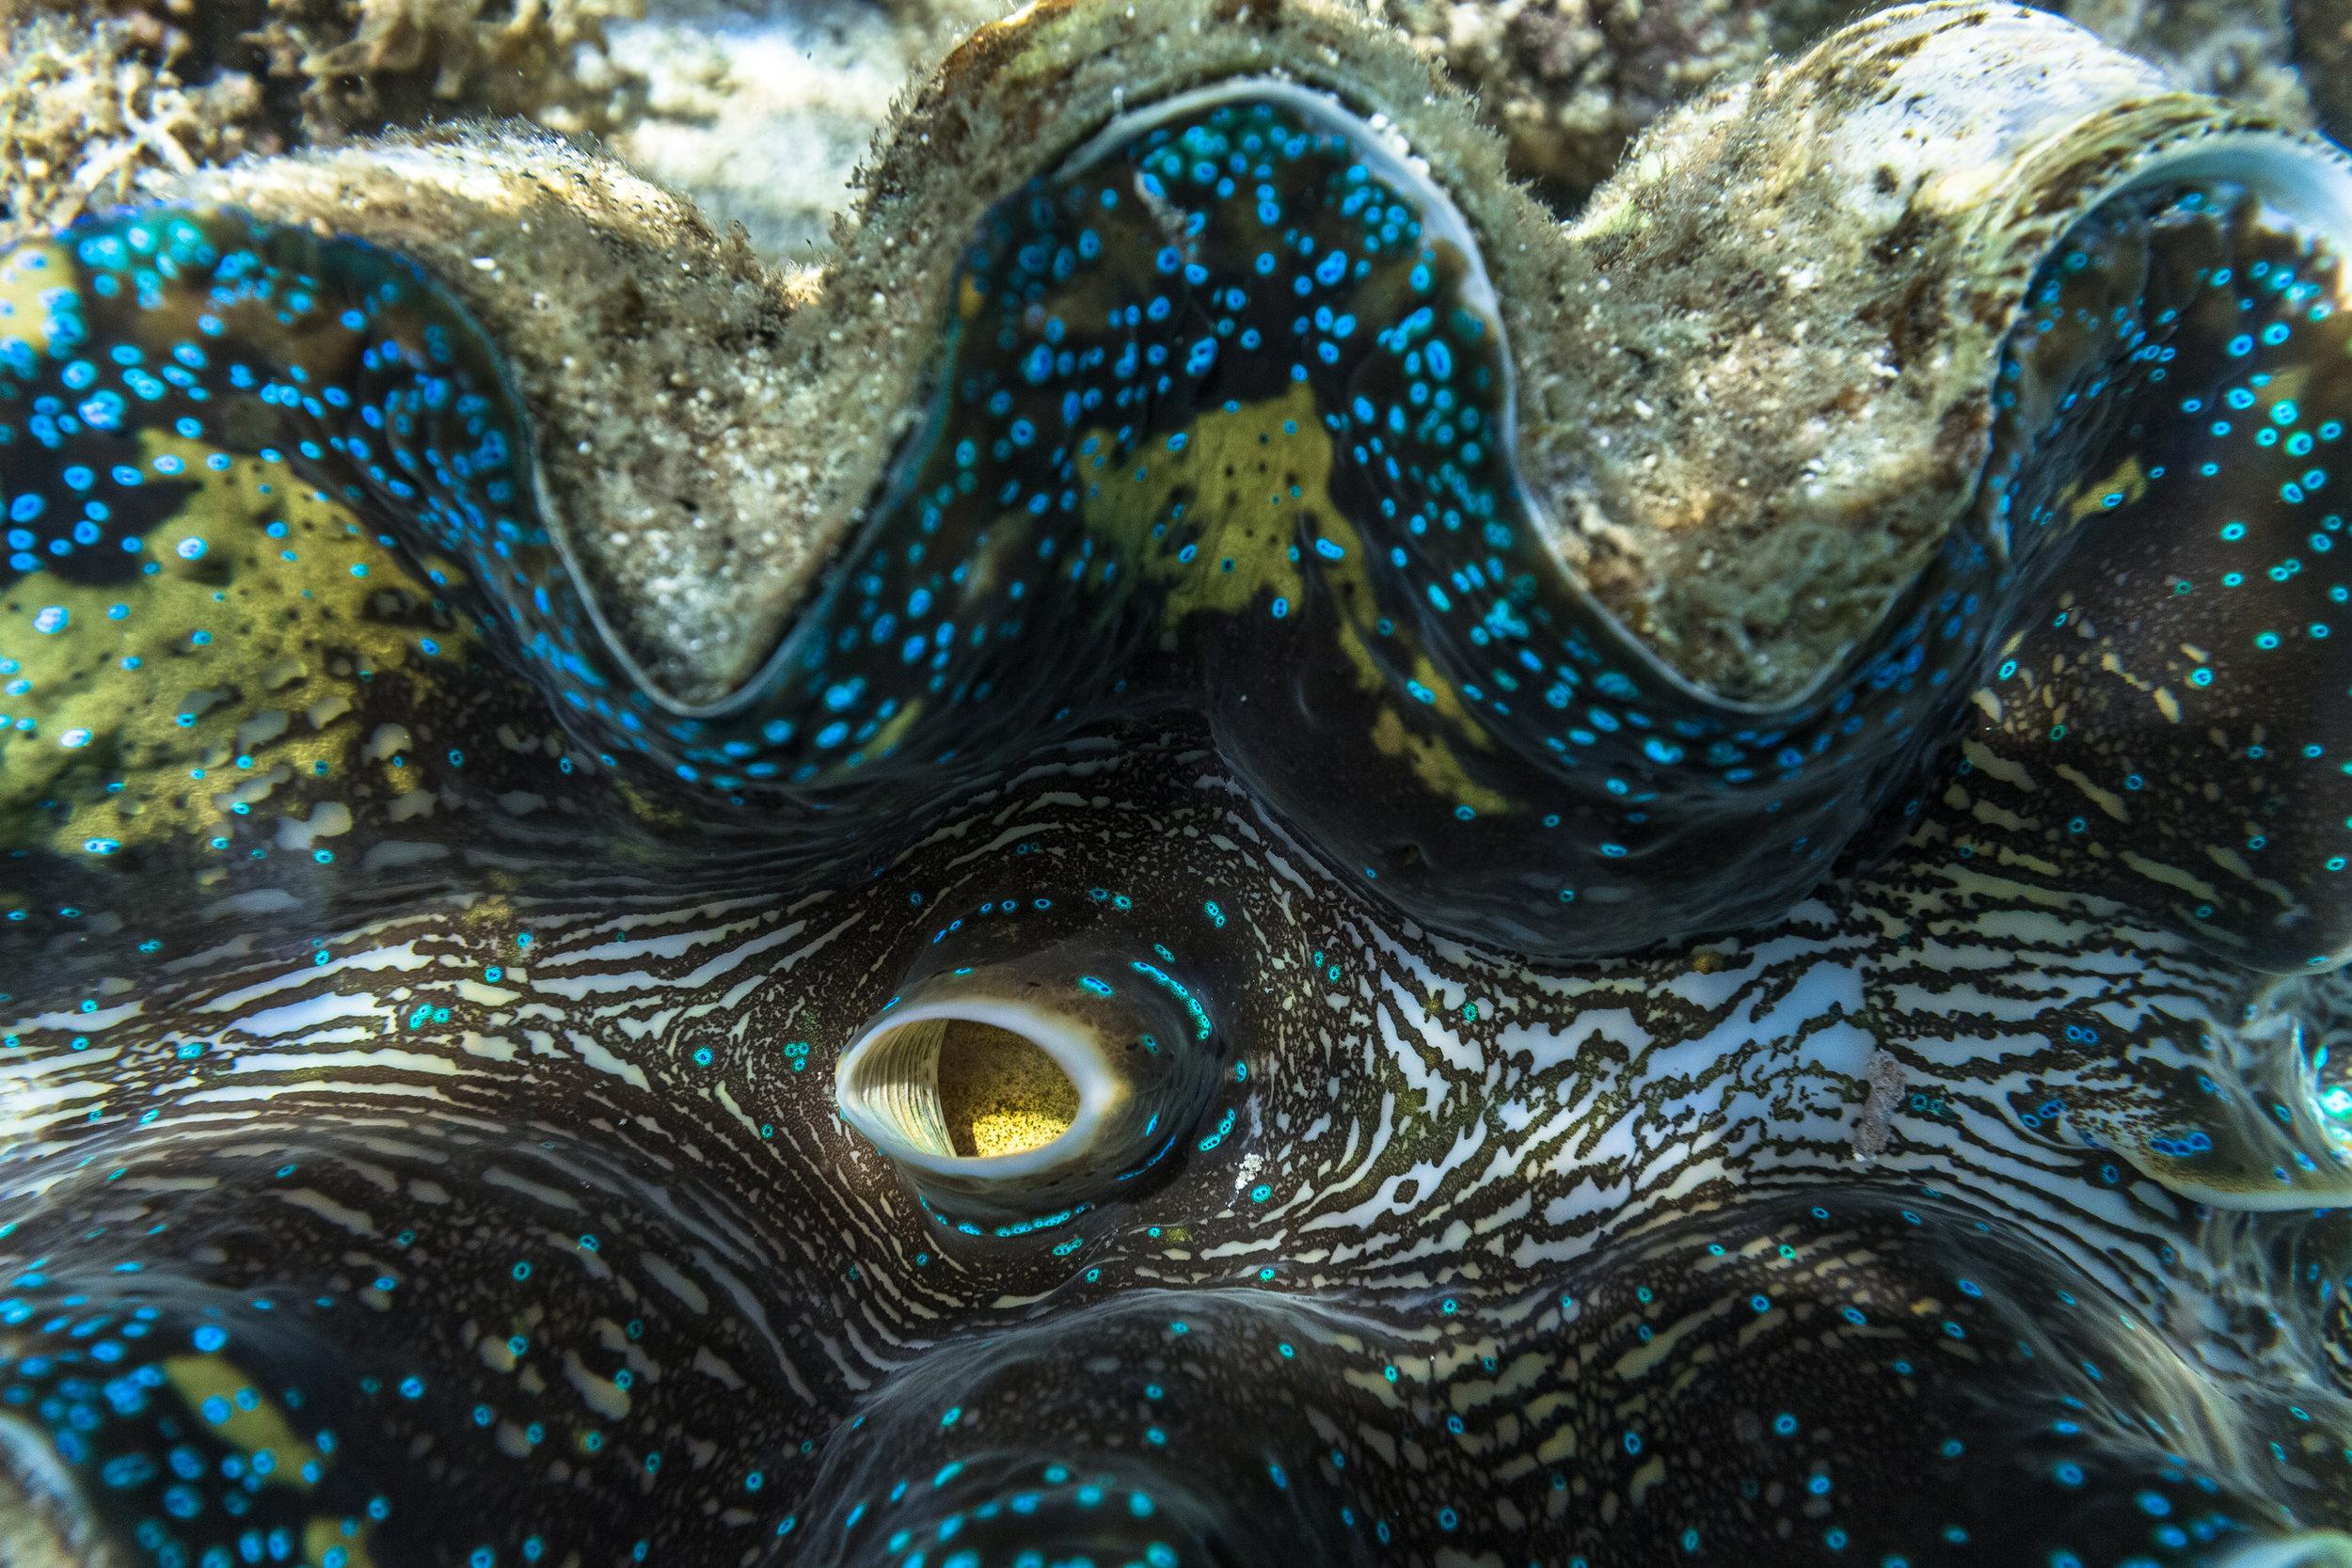 coral_at_papatura-6550-170318-Ryan_Chachi_Craig.jpg